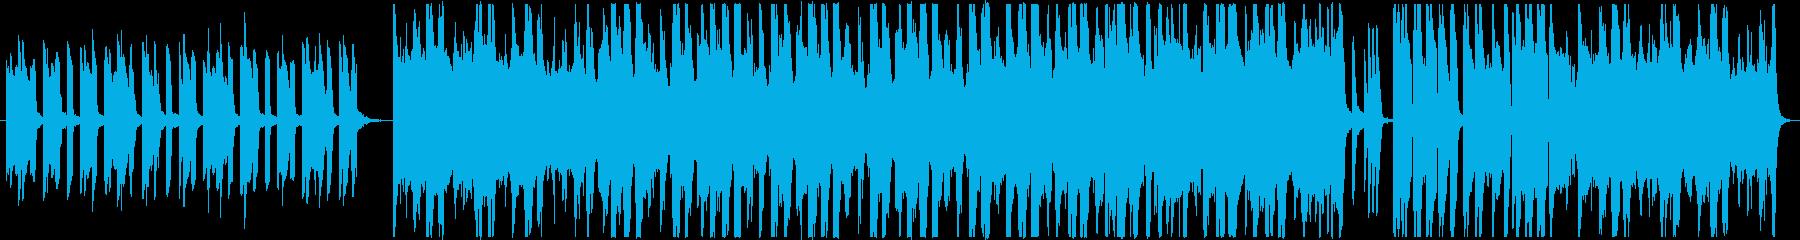 潜入や調査、推理場面をイメージした曲の再生済みの波形